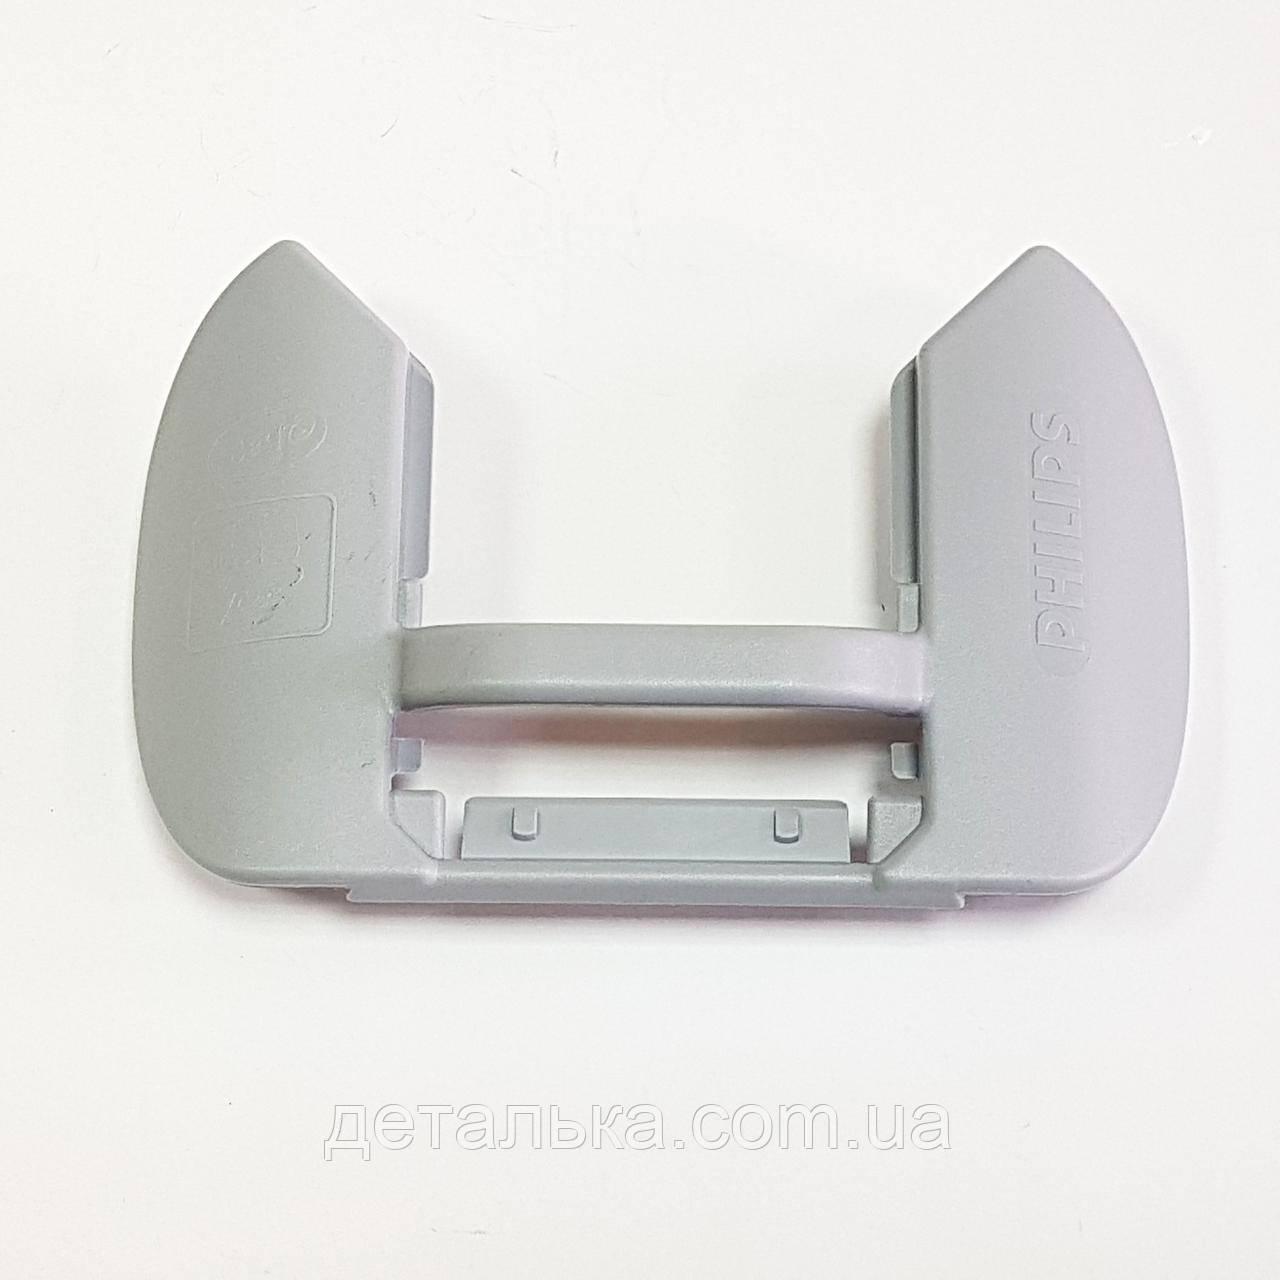 Тримач мішка для пилососа Philips FC6029/01